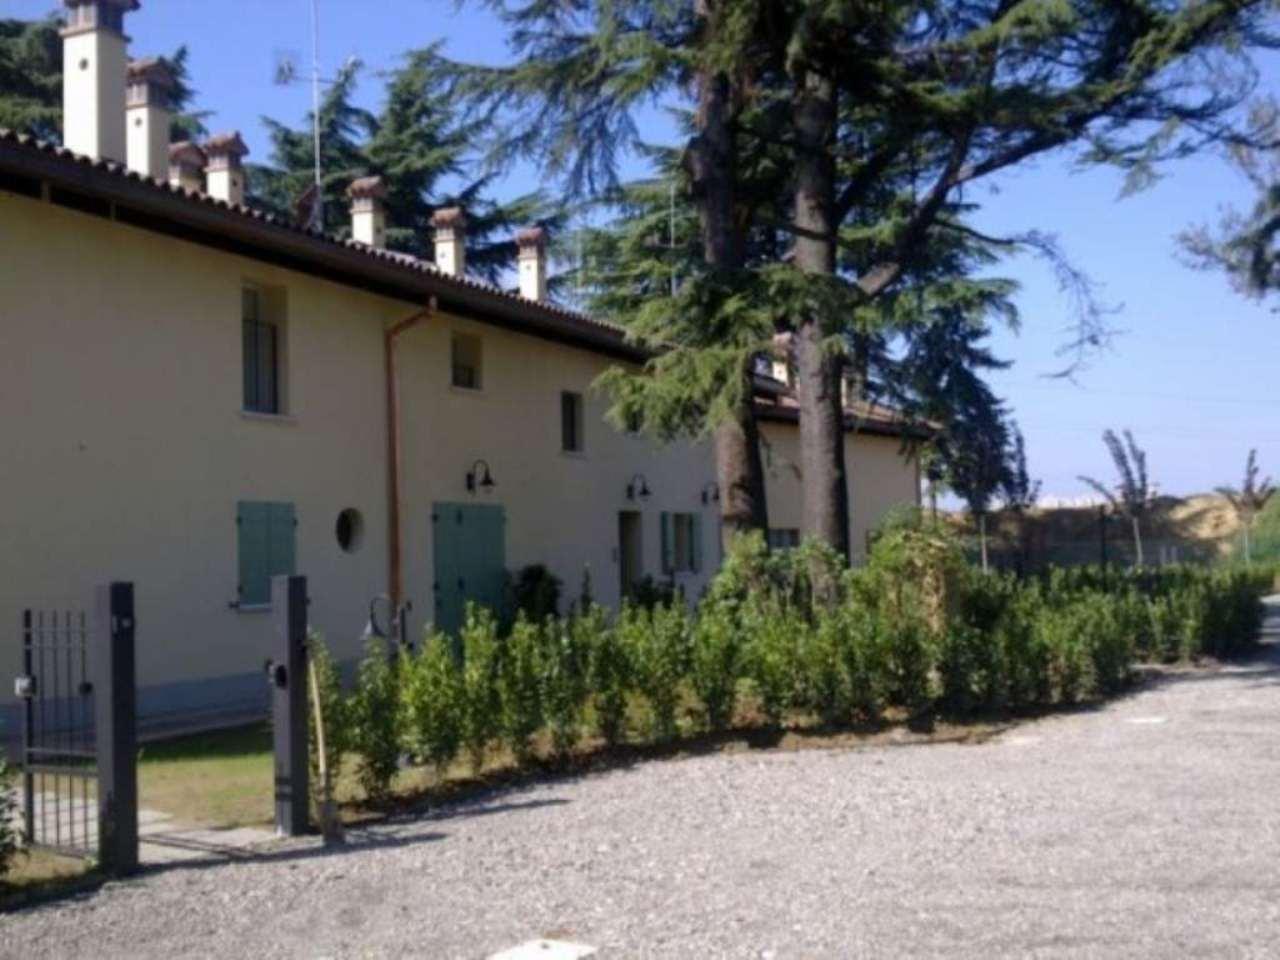 Immobili e case zona periferia a bologna annunci for Appartamenti in vendita bologna